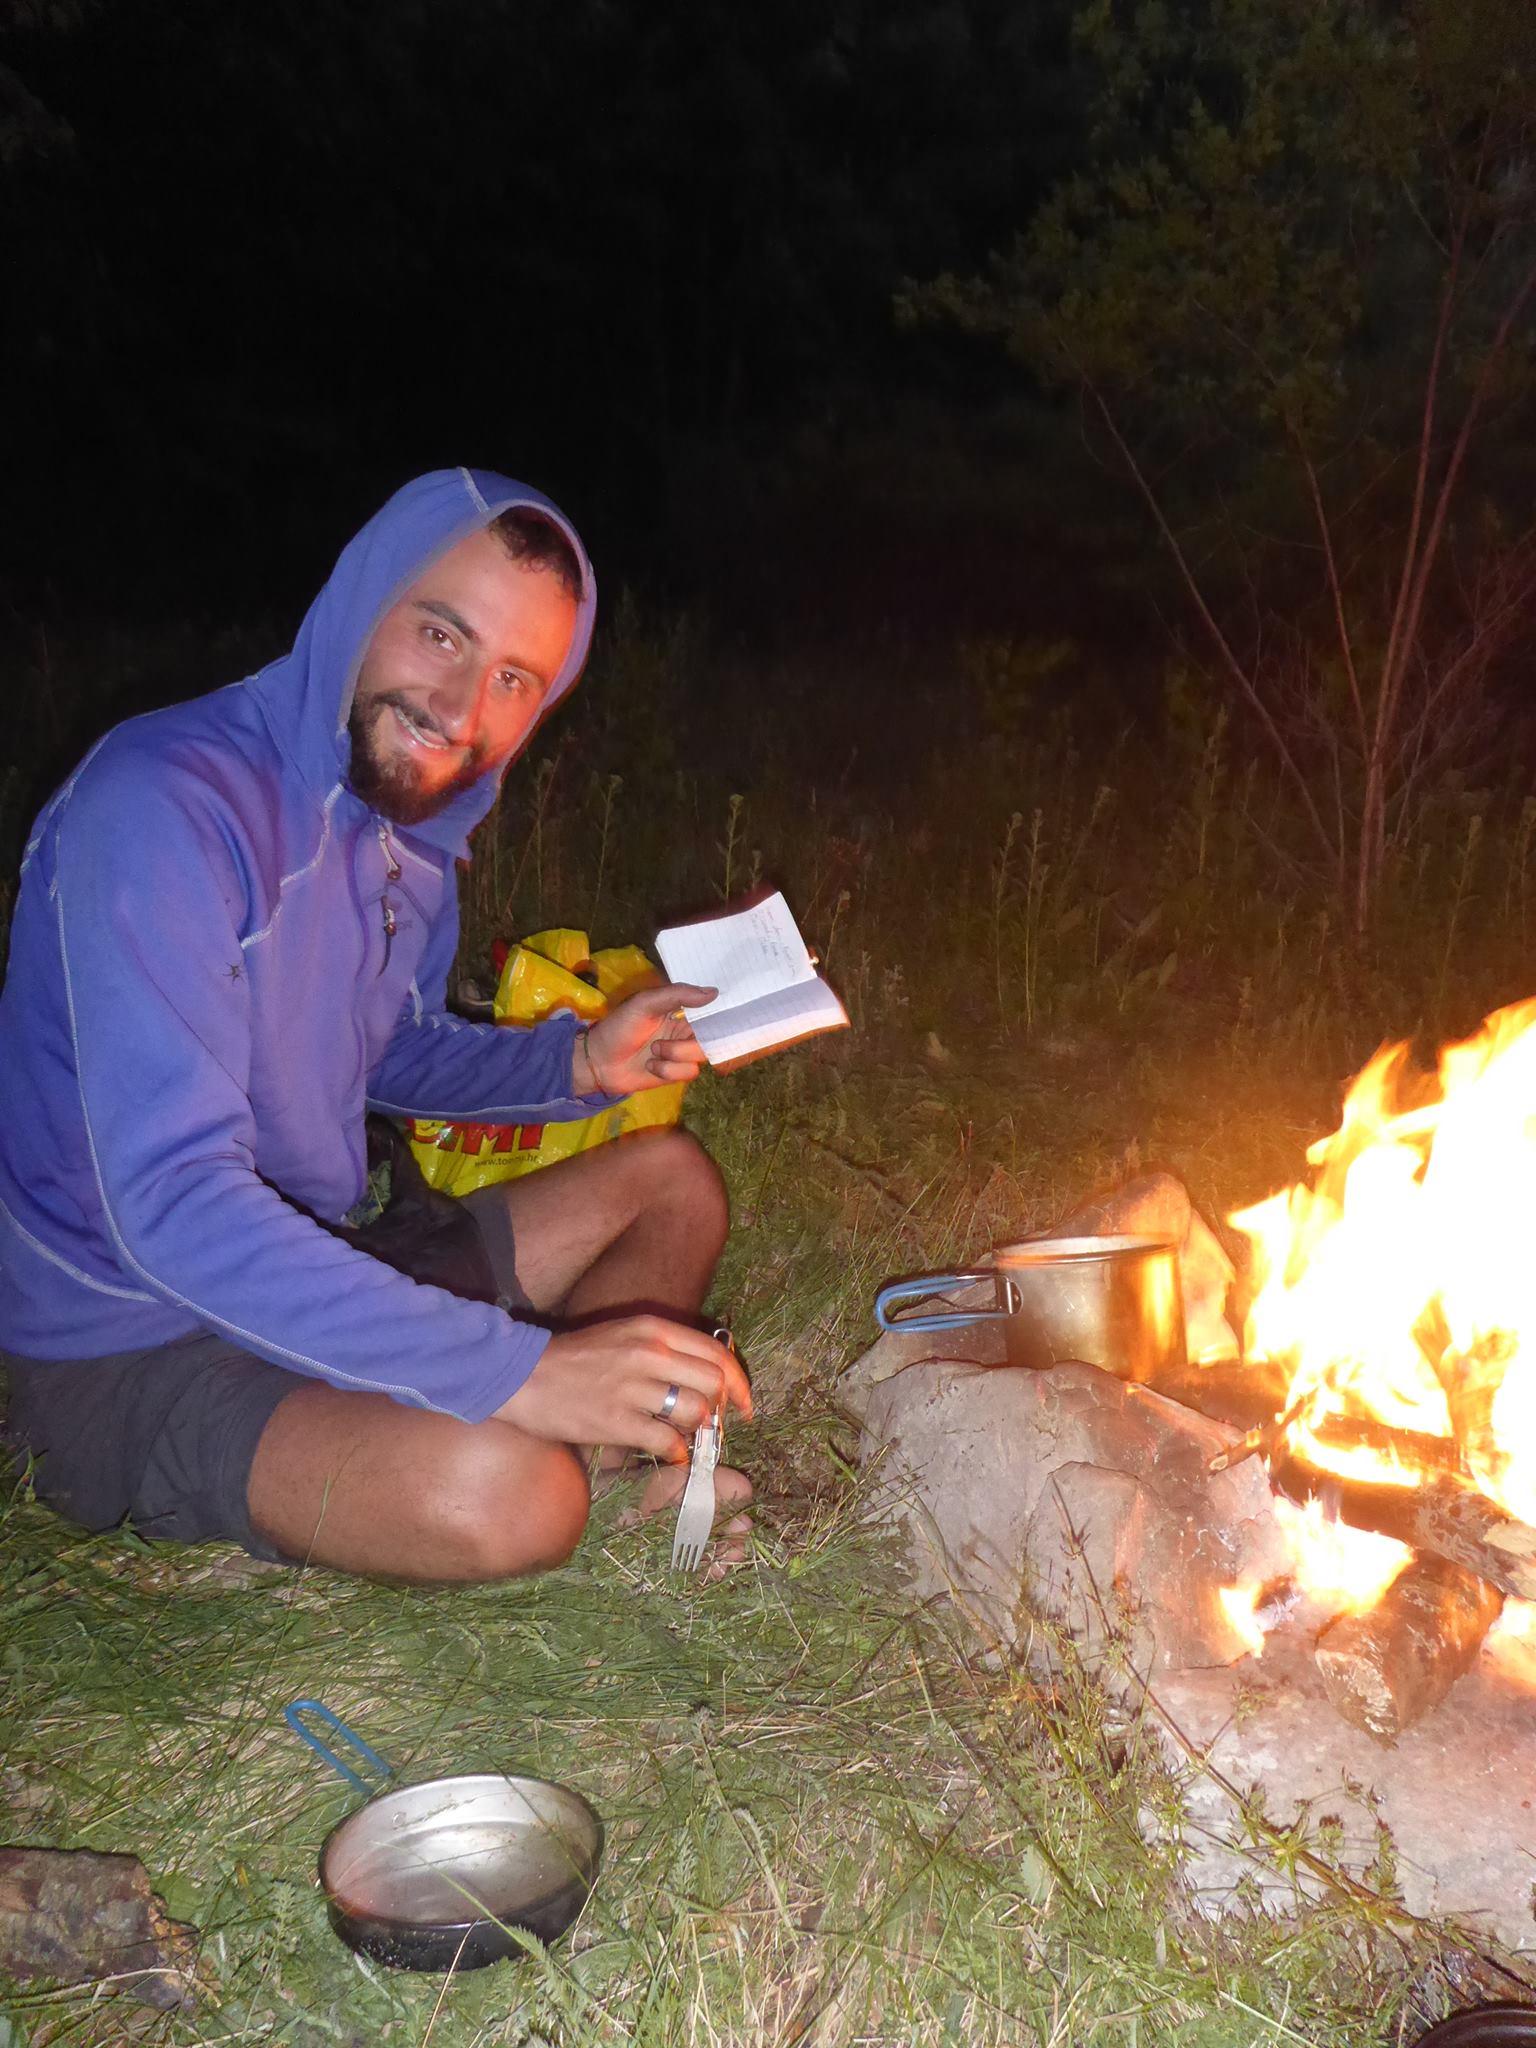 Un feu de camps, un carnet et un crayon sont de beaux ingrédients